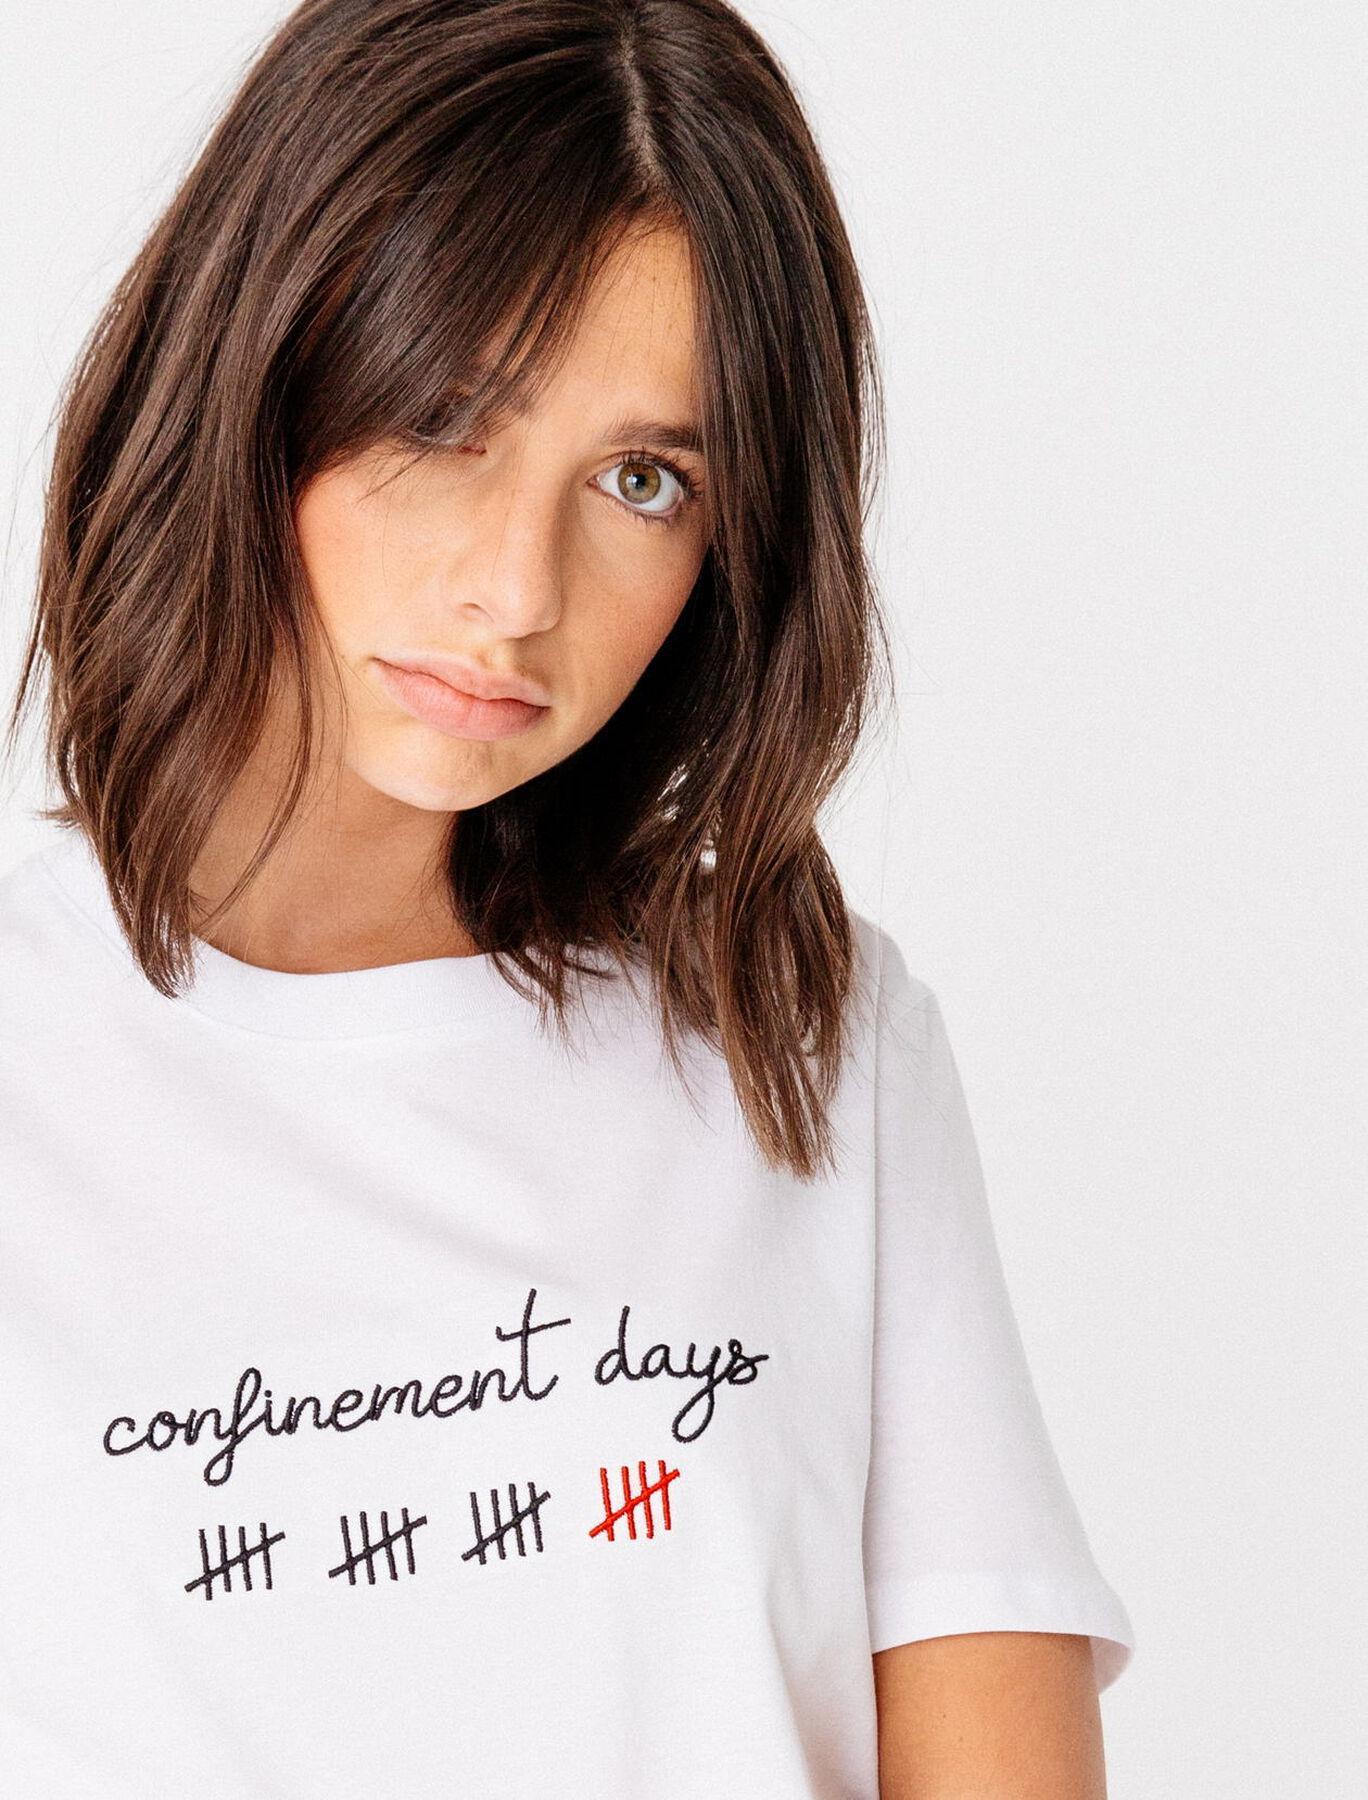 T-shirt confinement days bio